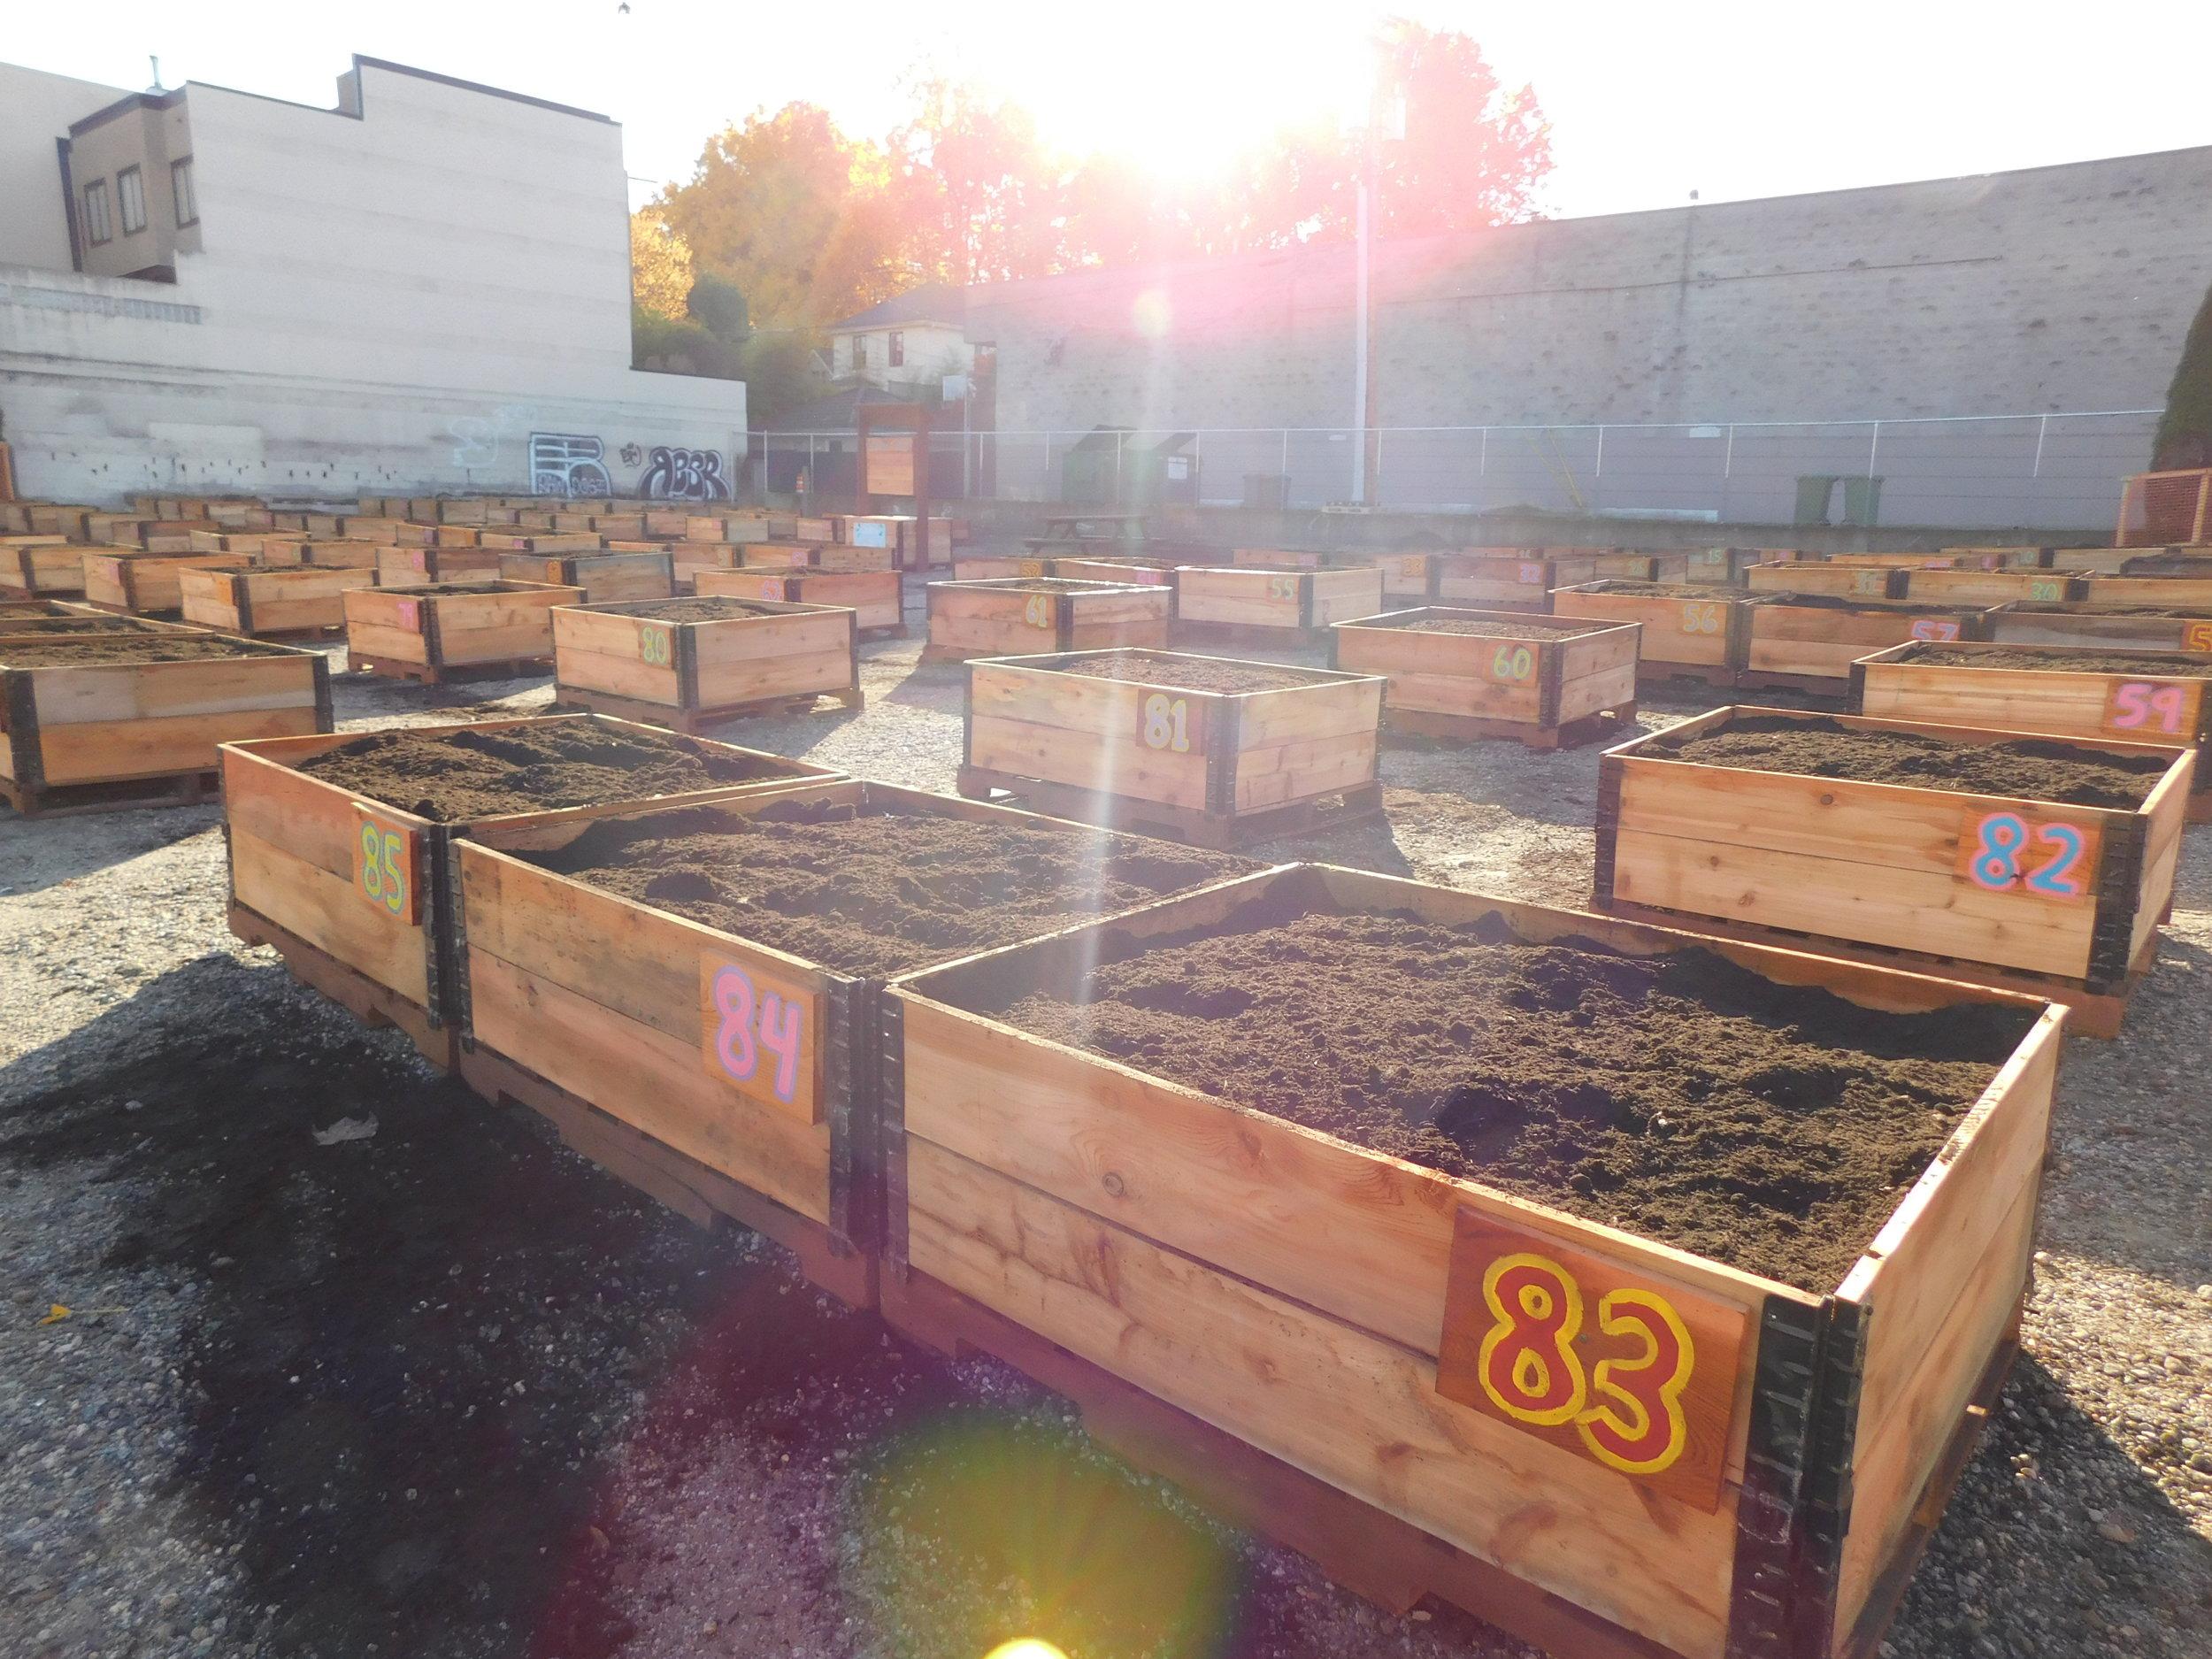 Broadway_Alma_Vancouver_Community_Garden_Builders-0012.JPG